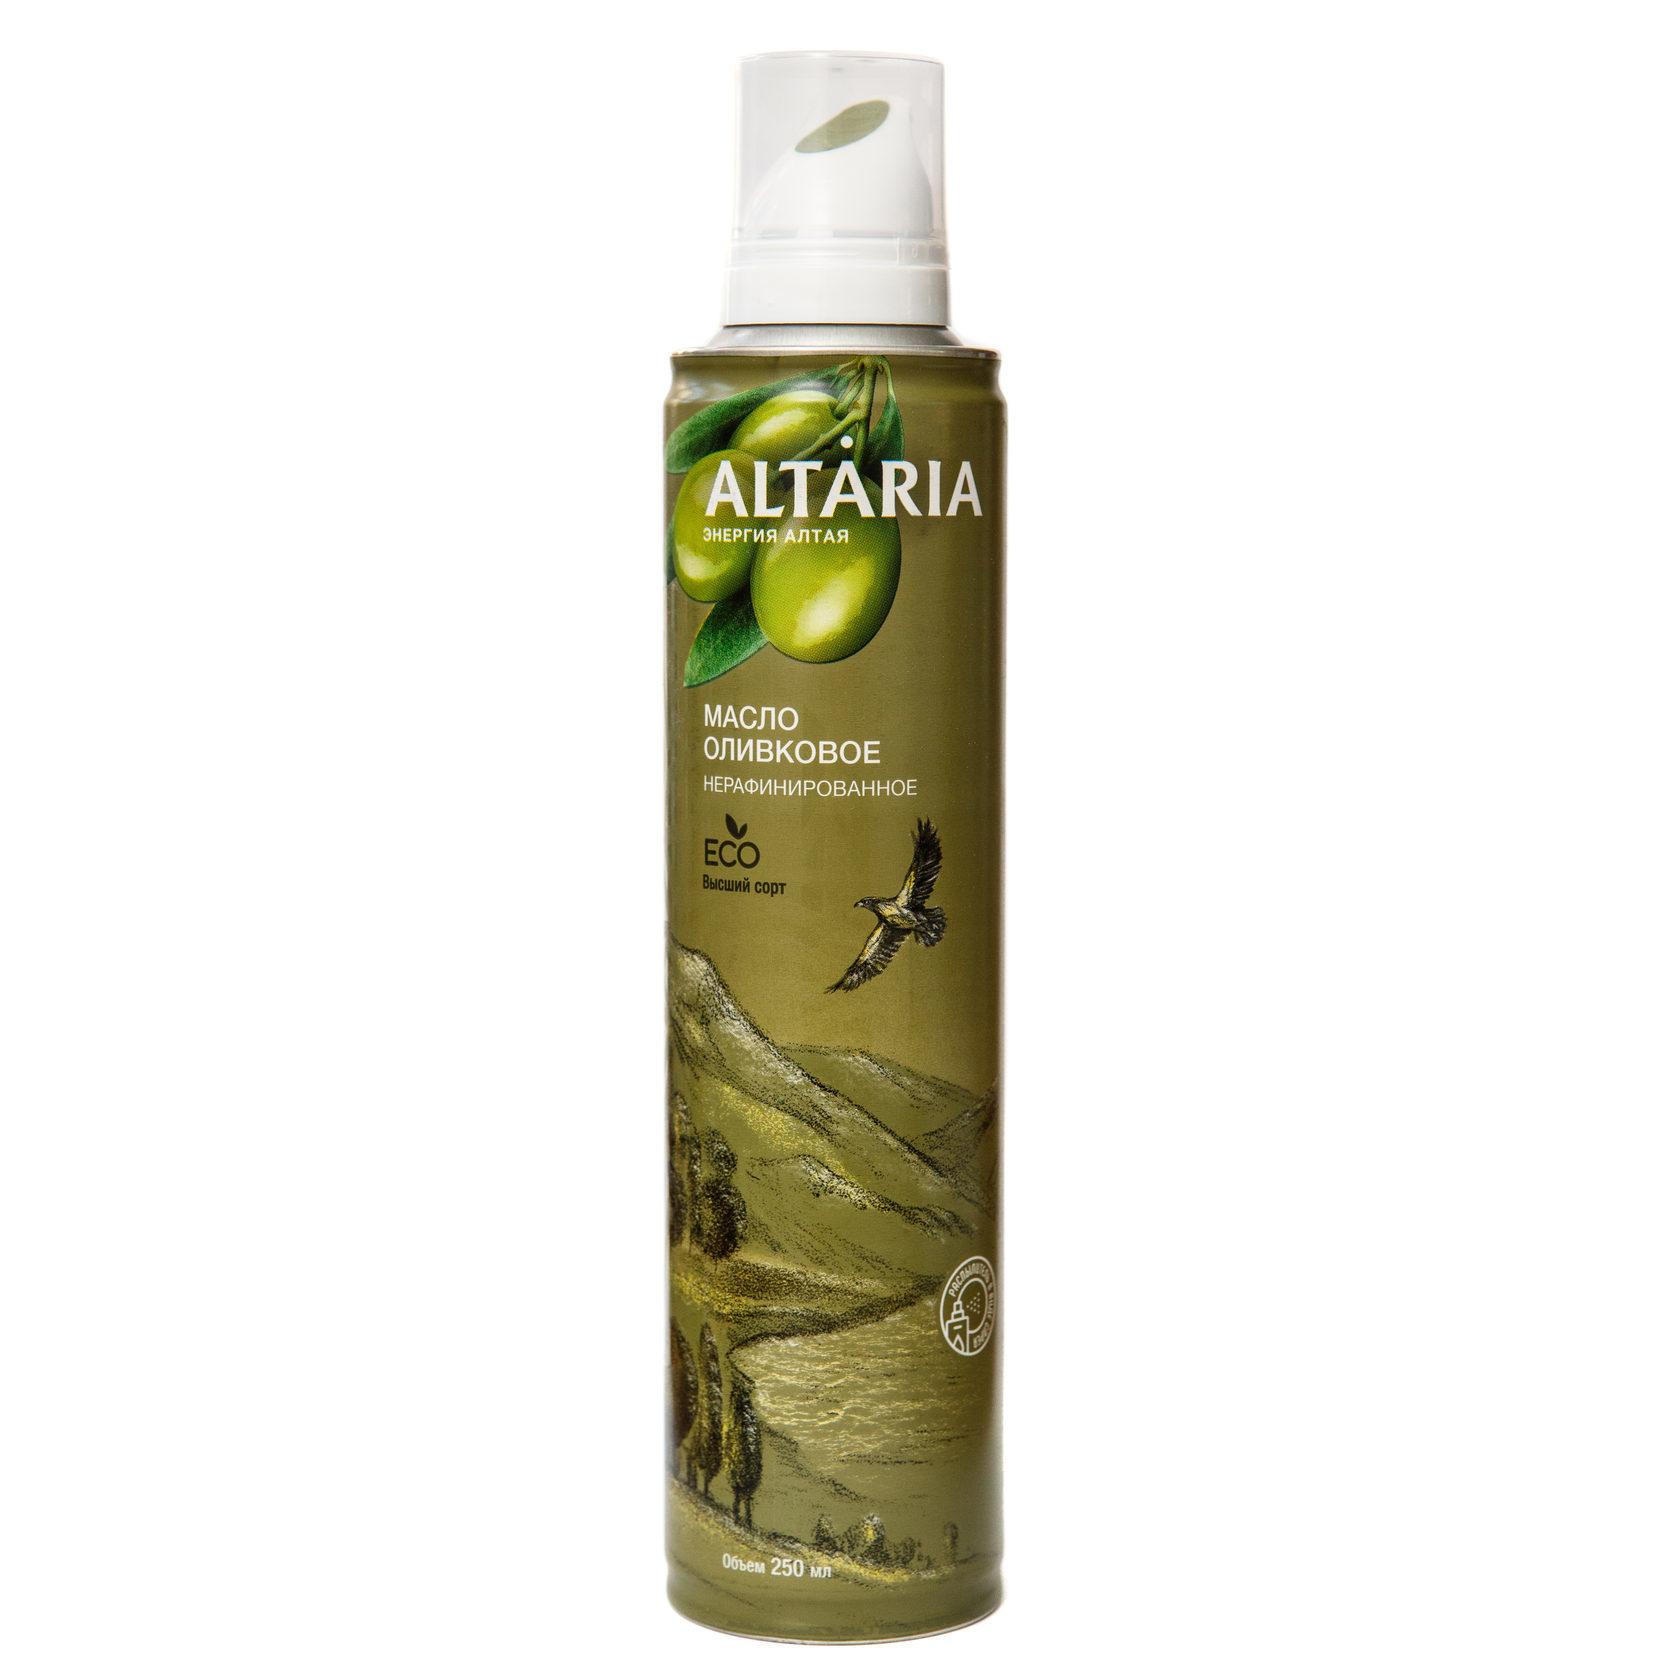 Алтария масло оливковое нерафинированное 250 мл